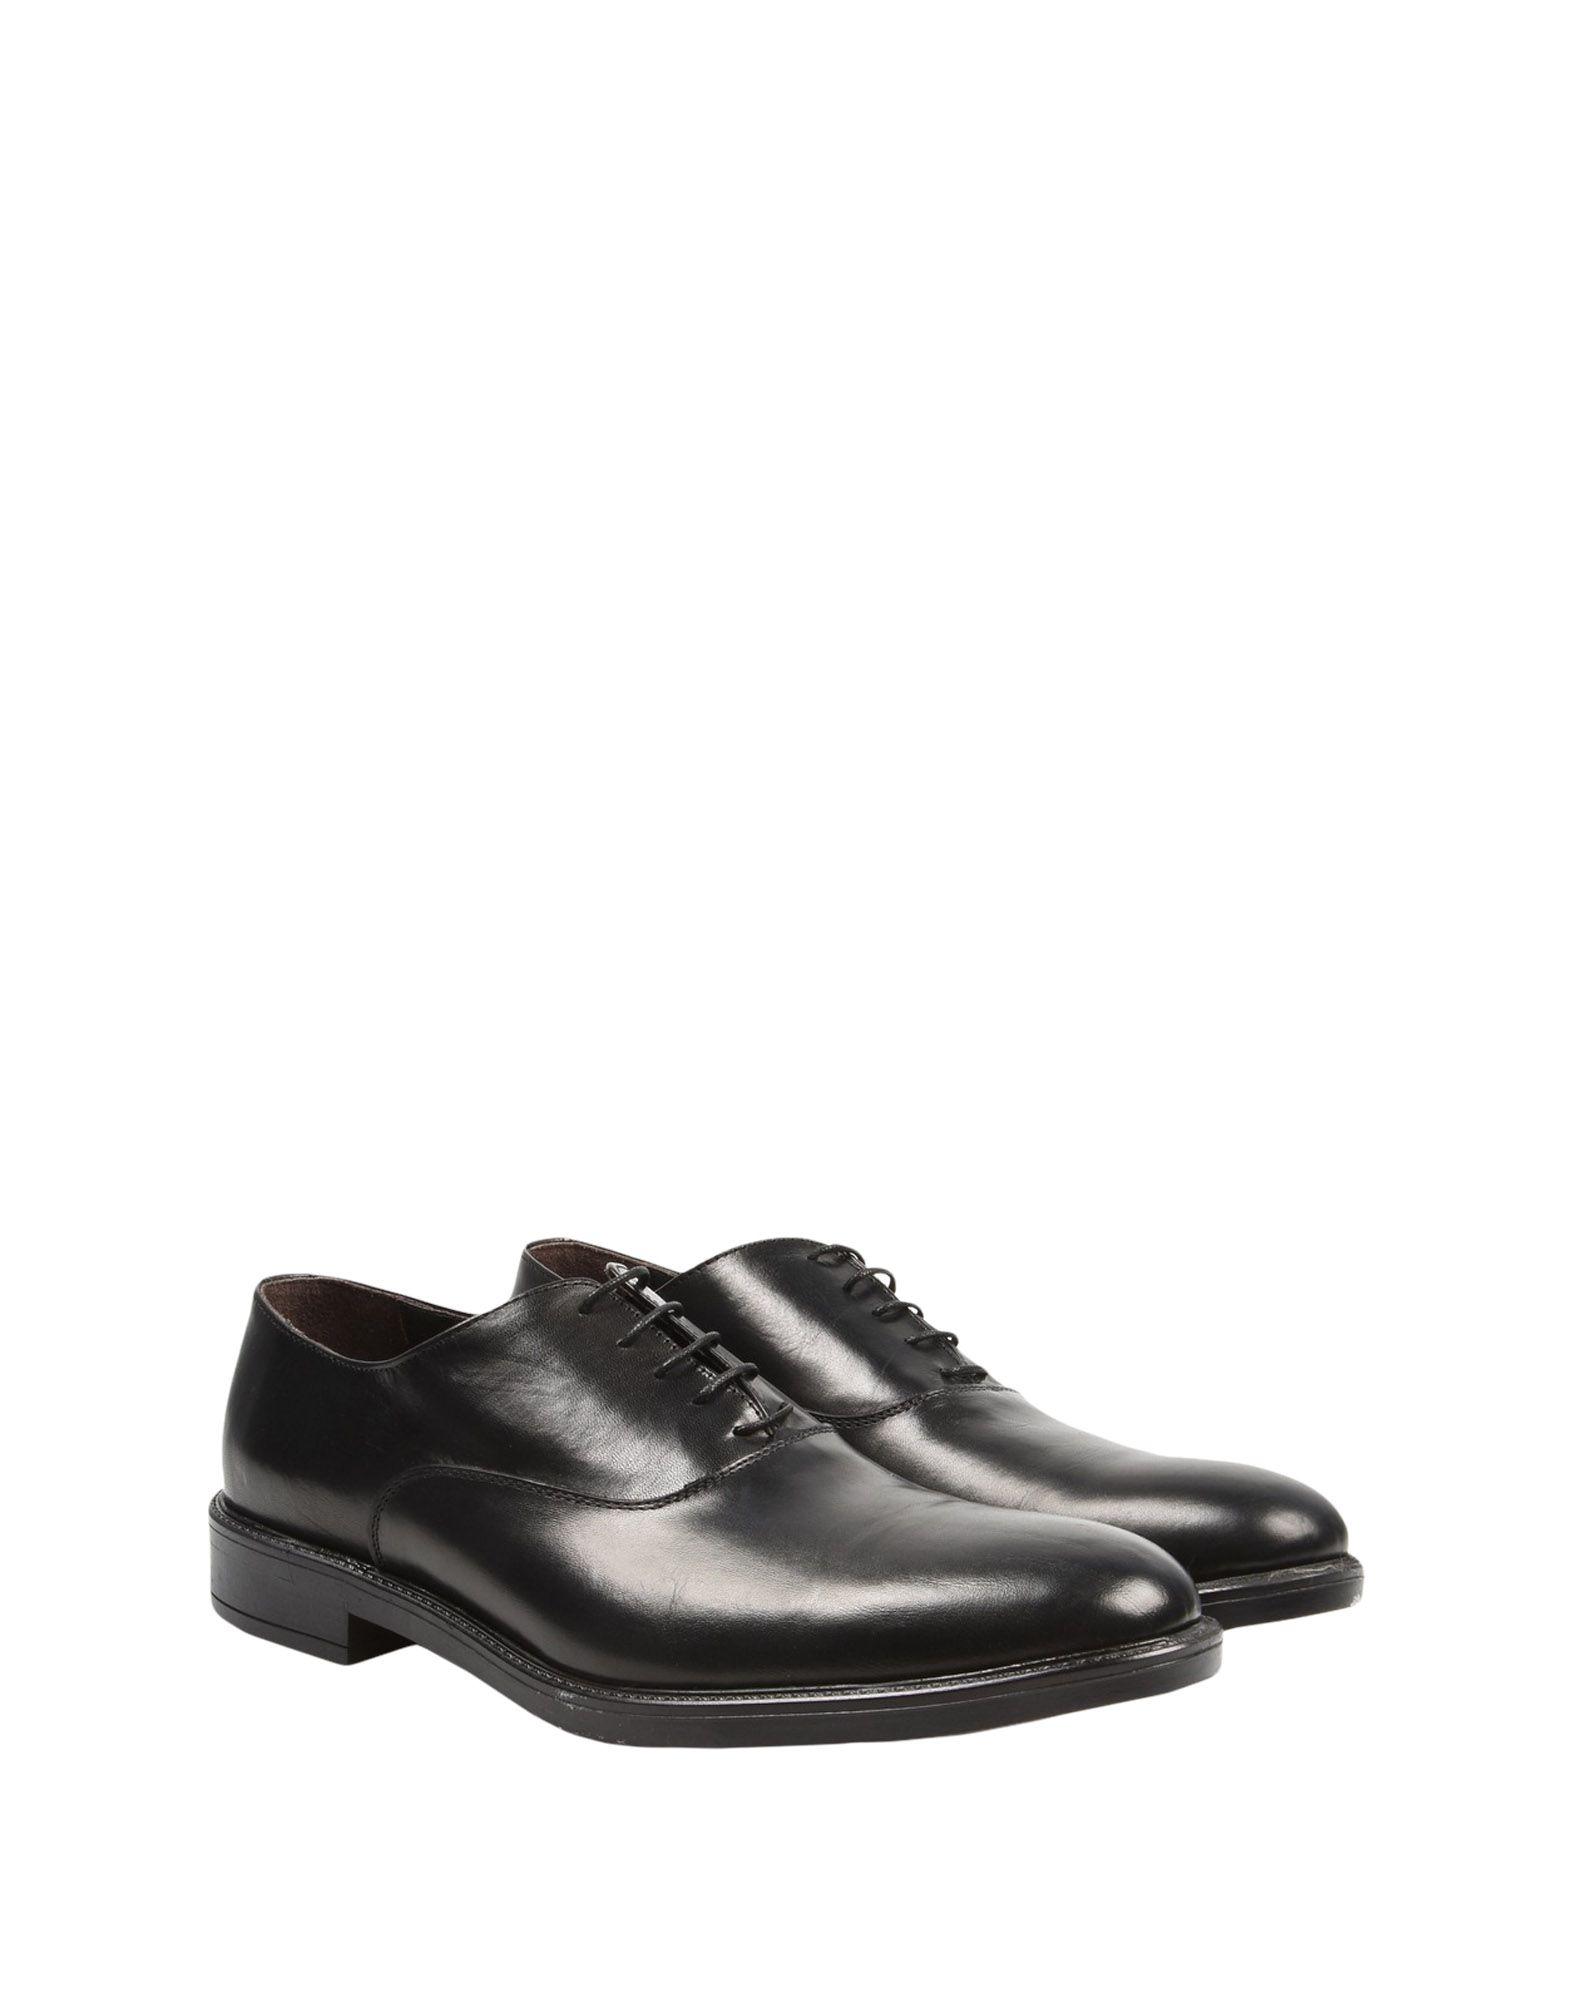 Rabatt echte Schnürschuhe Schuhe Derossi Italia Schnürschuhe echte Herren  11527559LW 2ddda6